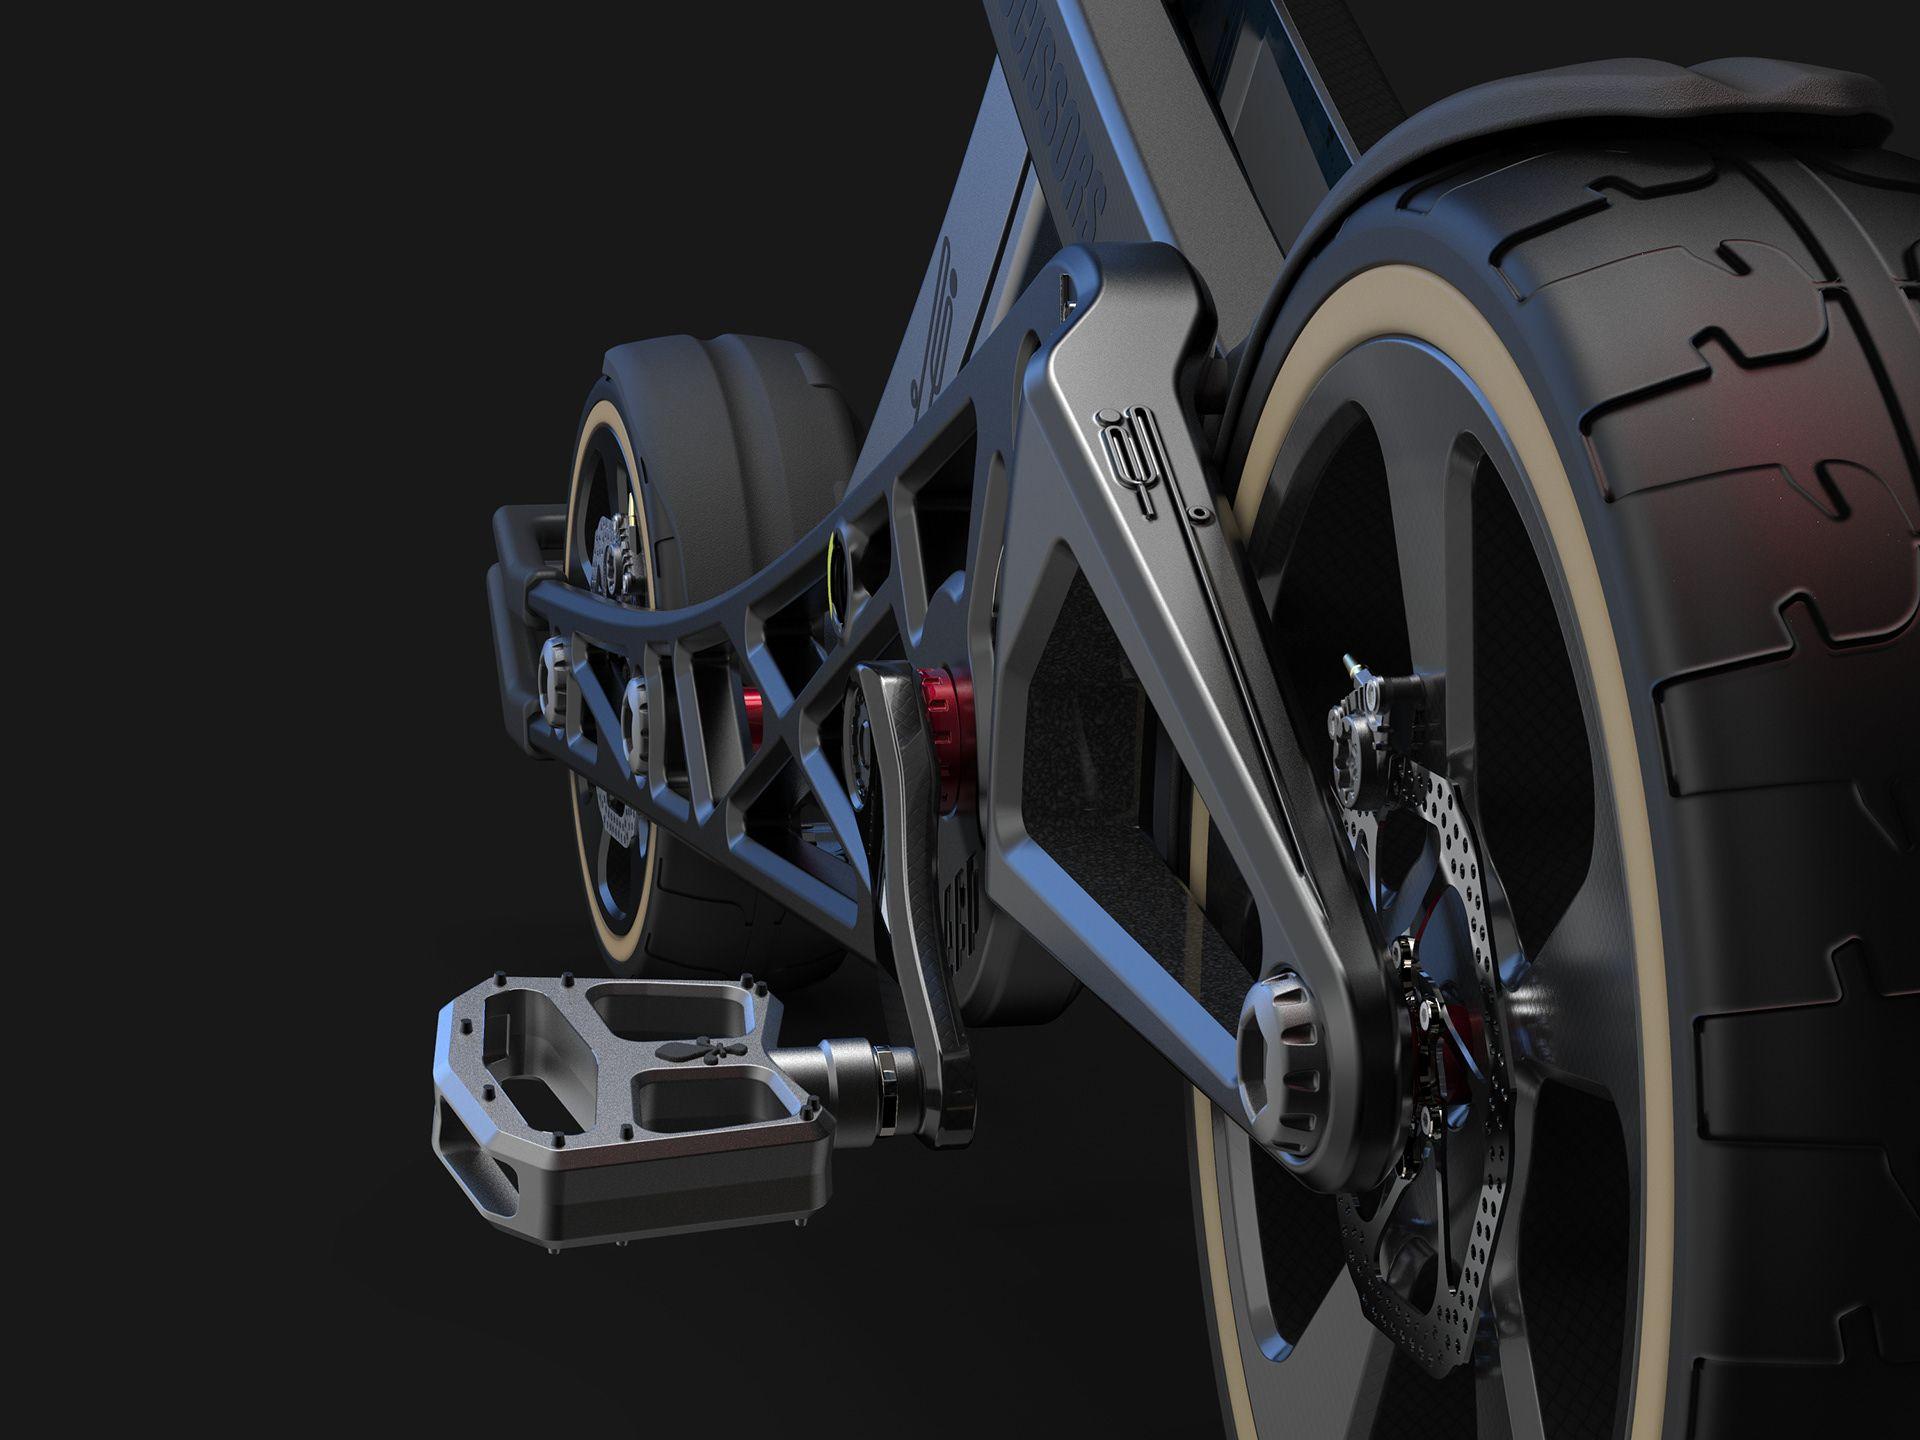 SCISSORS BIKE on Behance in 2020 Bike, Folding bike, Ebike